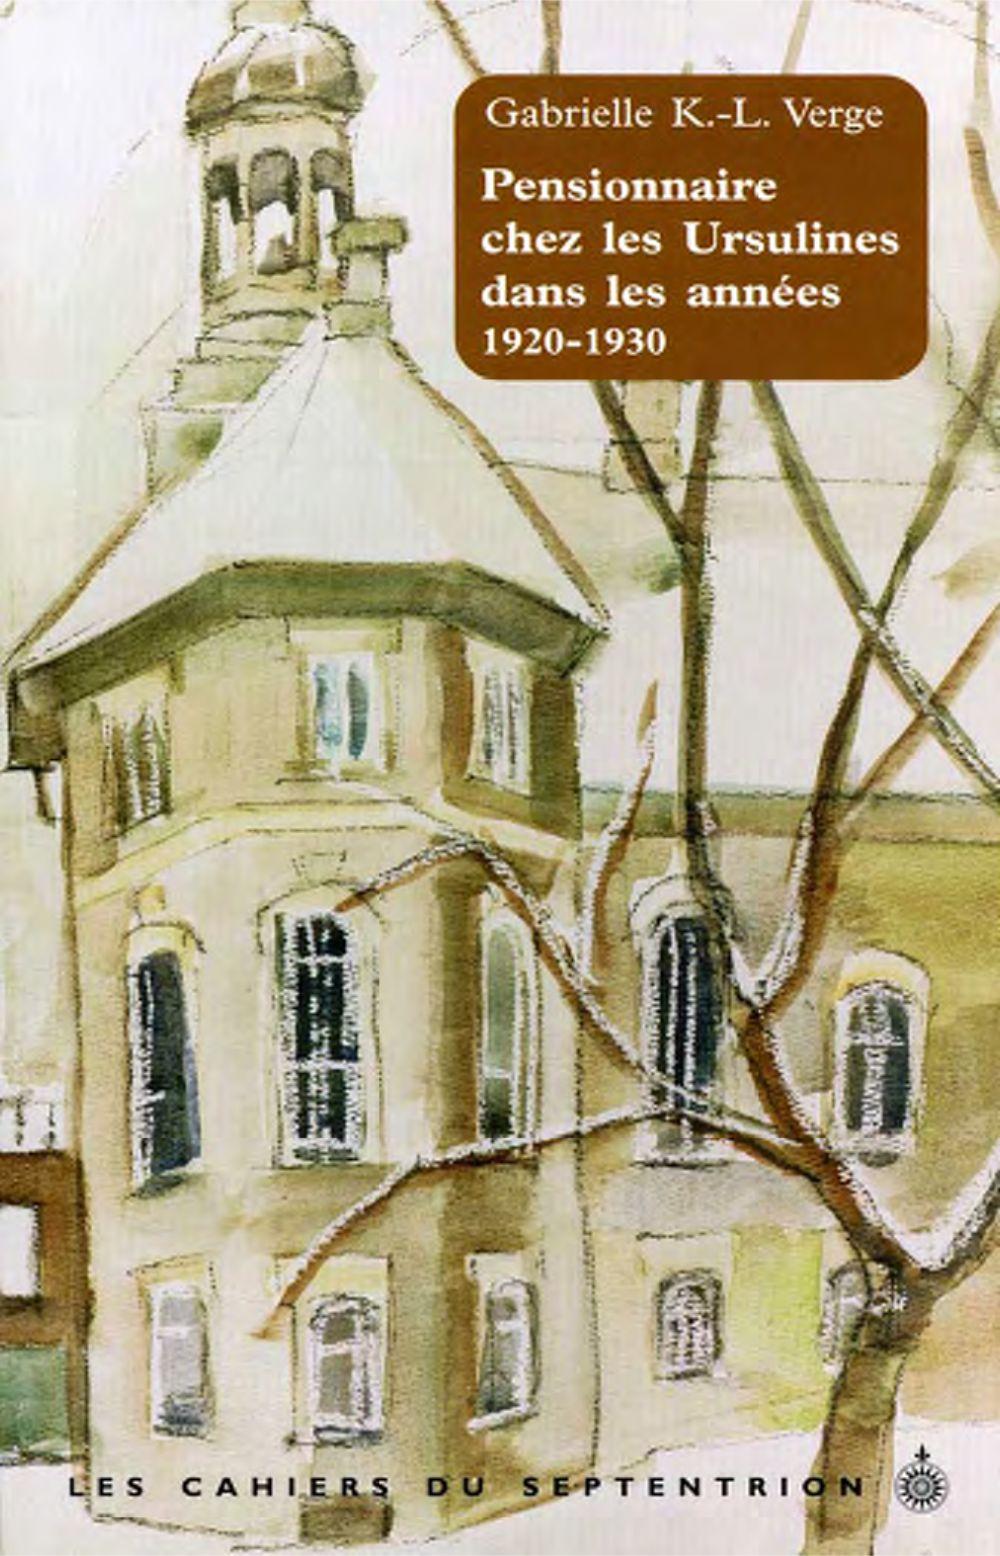 Pensionnaire chez les Ursulines dans les années 1920-1930